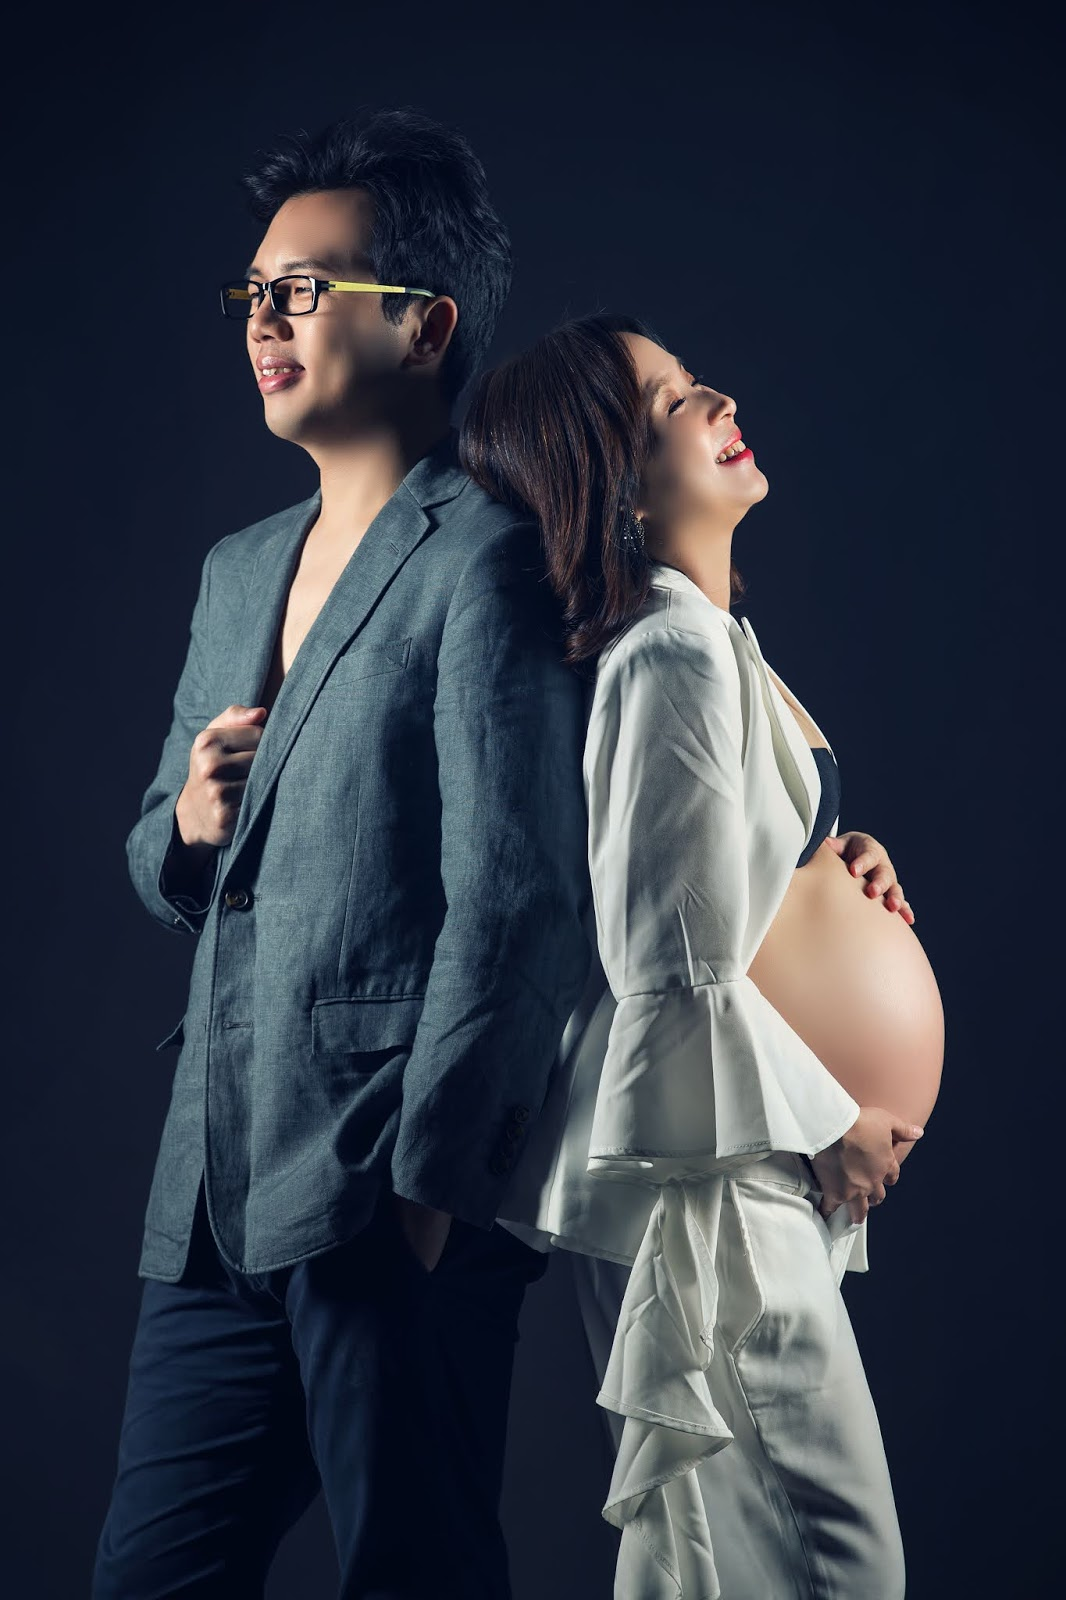 5.AZ3I6012.jpg-懷孕,紀錄屬於妳的勇敢與美